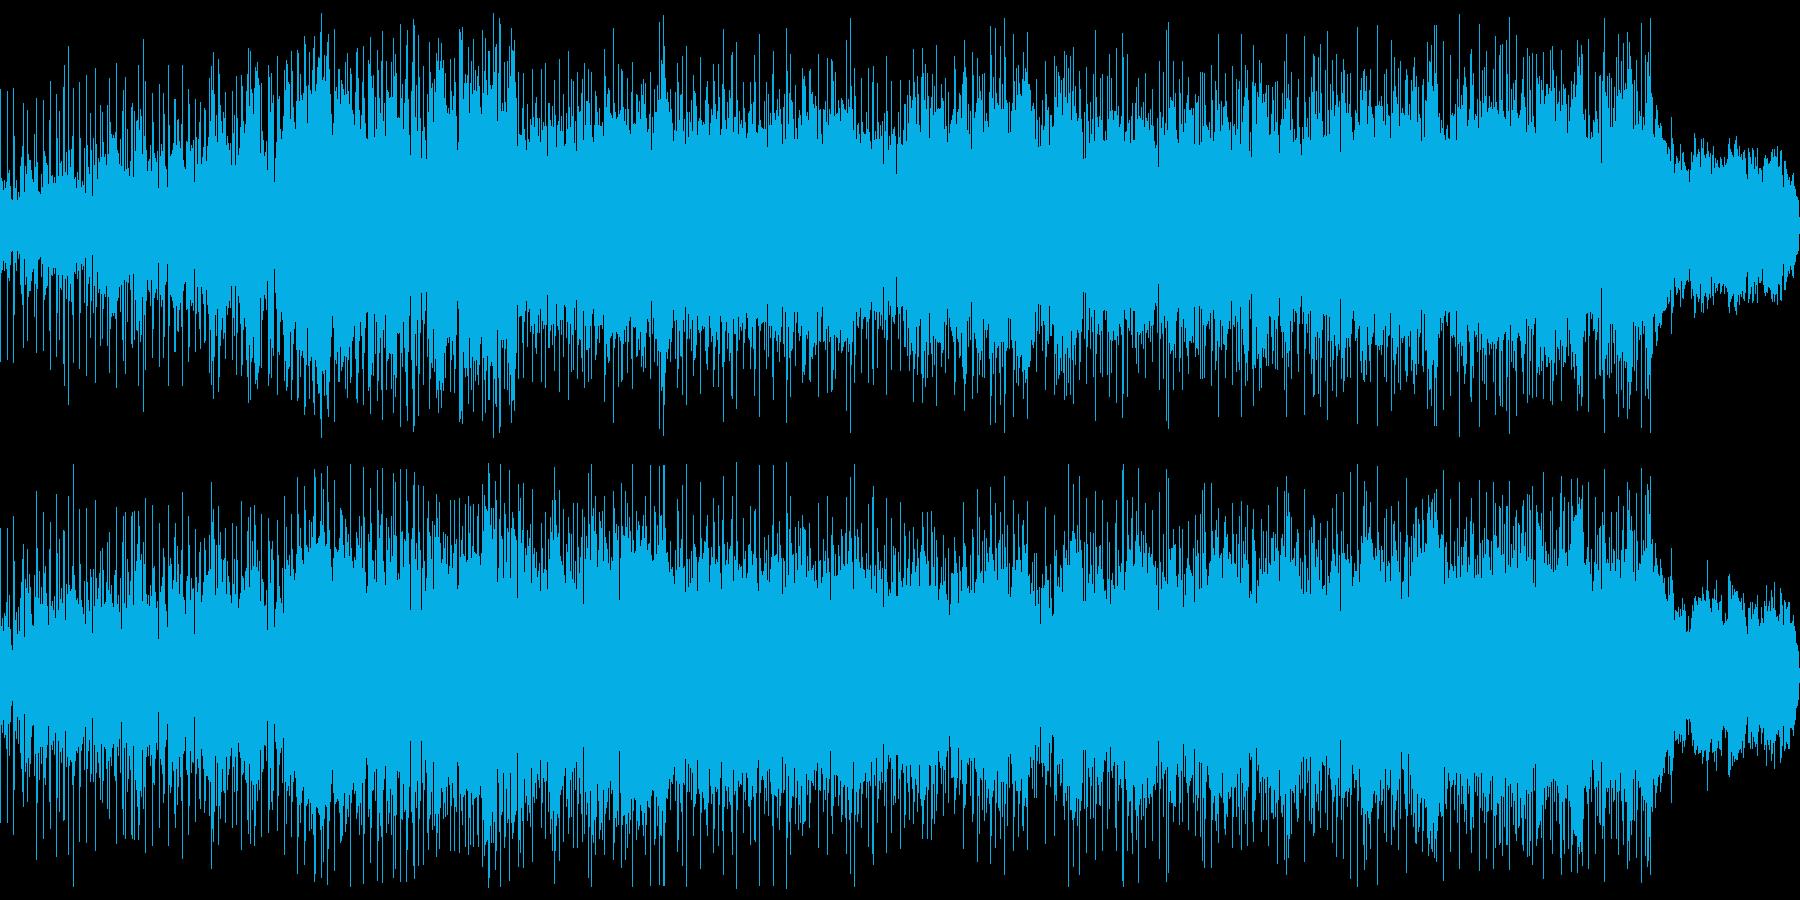 RPGのバトル_変拍子_民族楽器_ロックの再生済みの波形